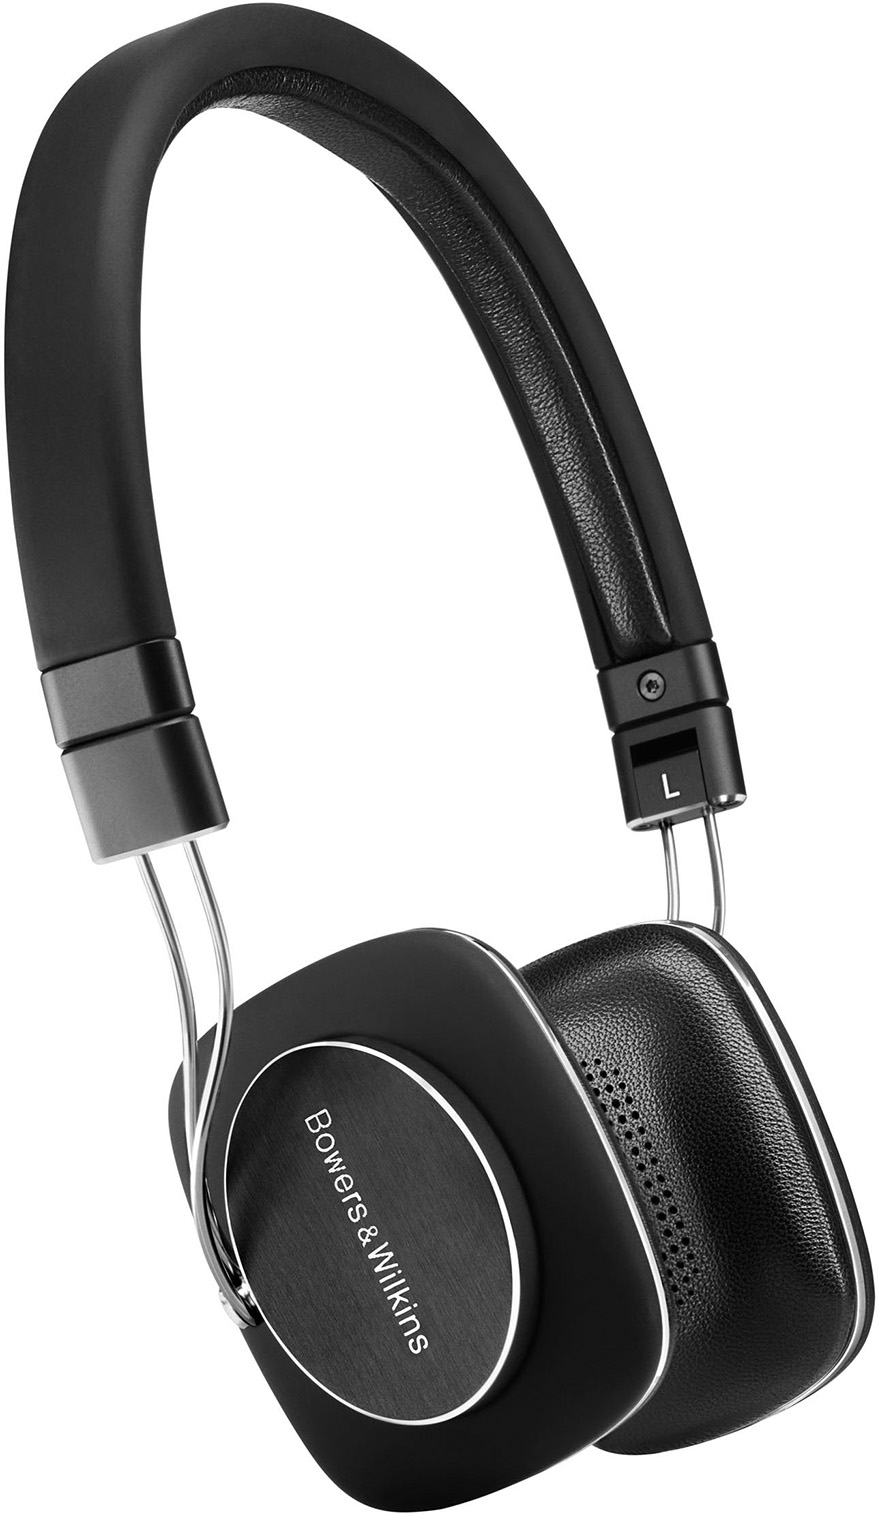 Bowers & Wilkins P3 Series 2 On-Ear Headphones